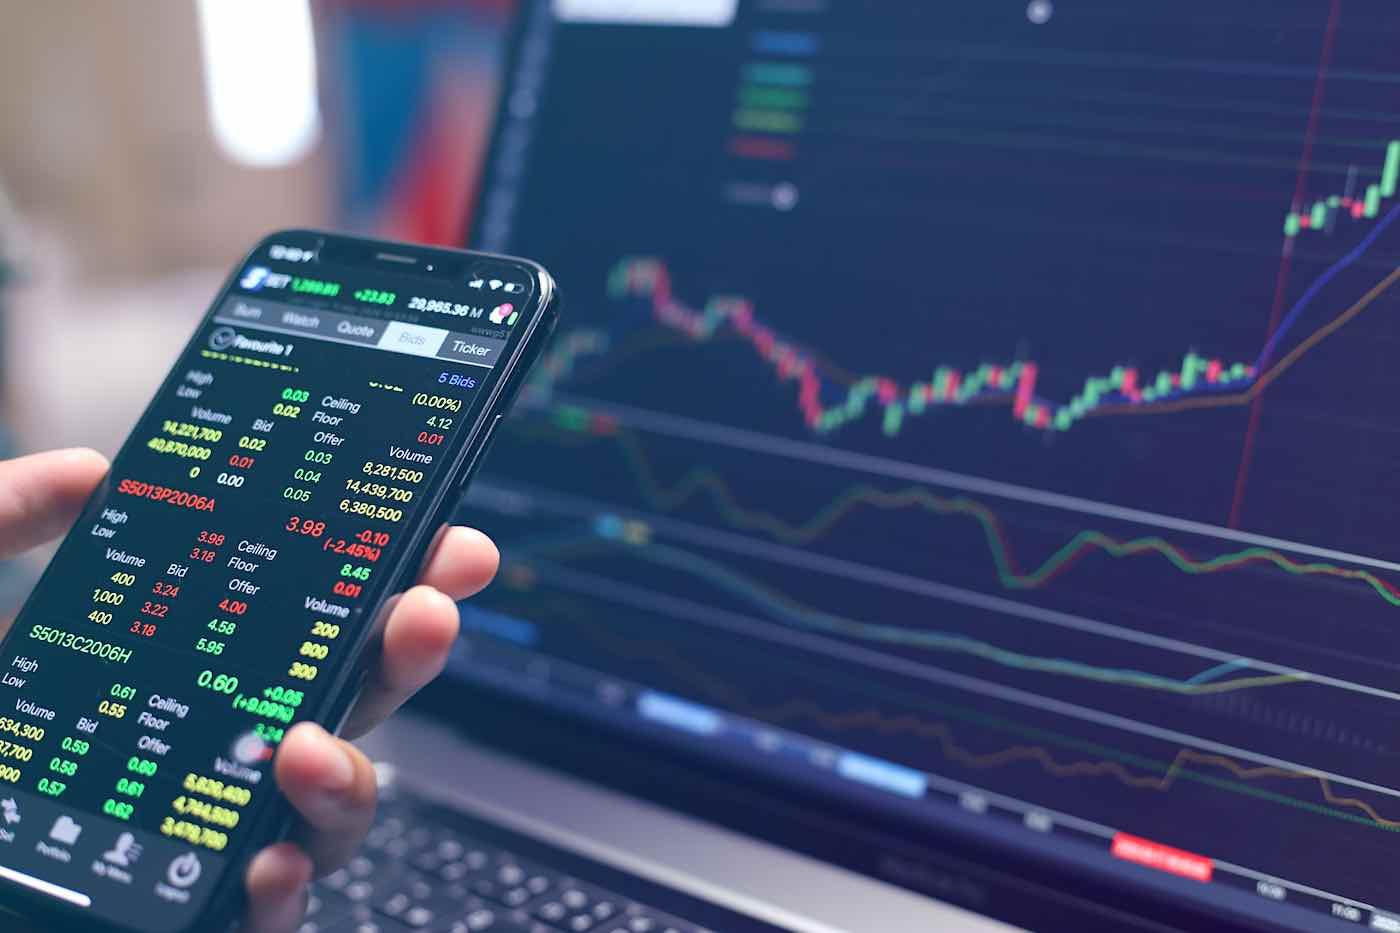 ¿Cuáles son los mejores brokers para invertir?